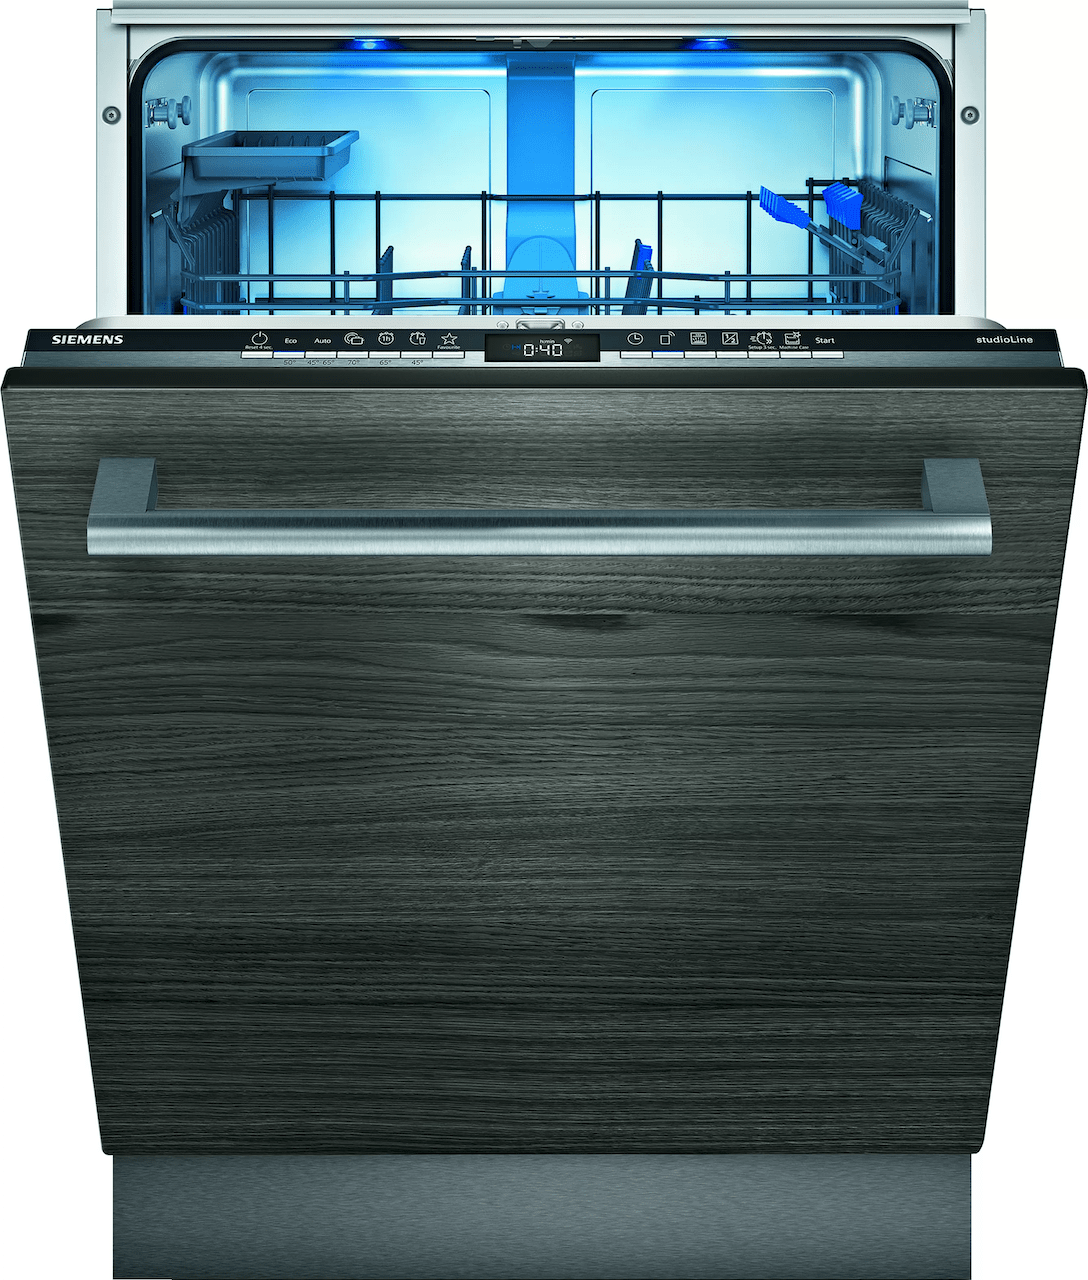 Umývačka riadu 60 cm plne zabudovateľná | Siemens | SX63E800BE